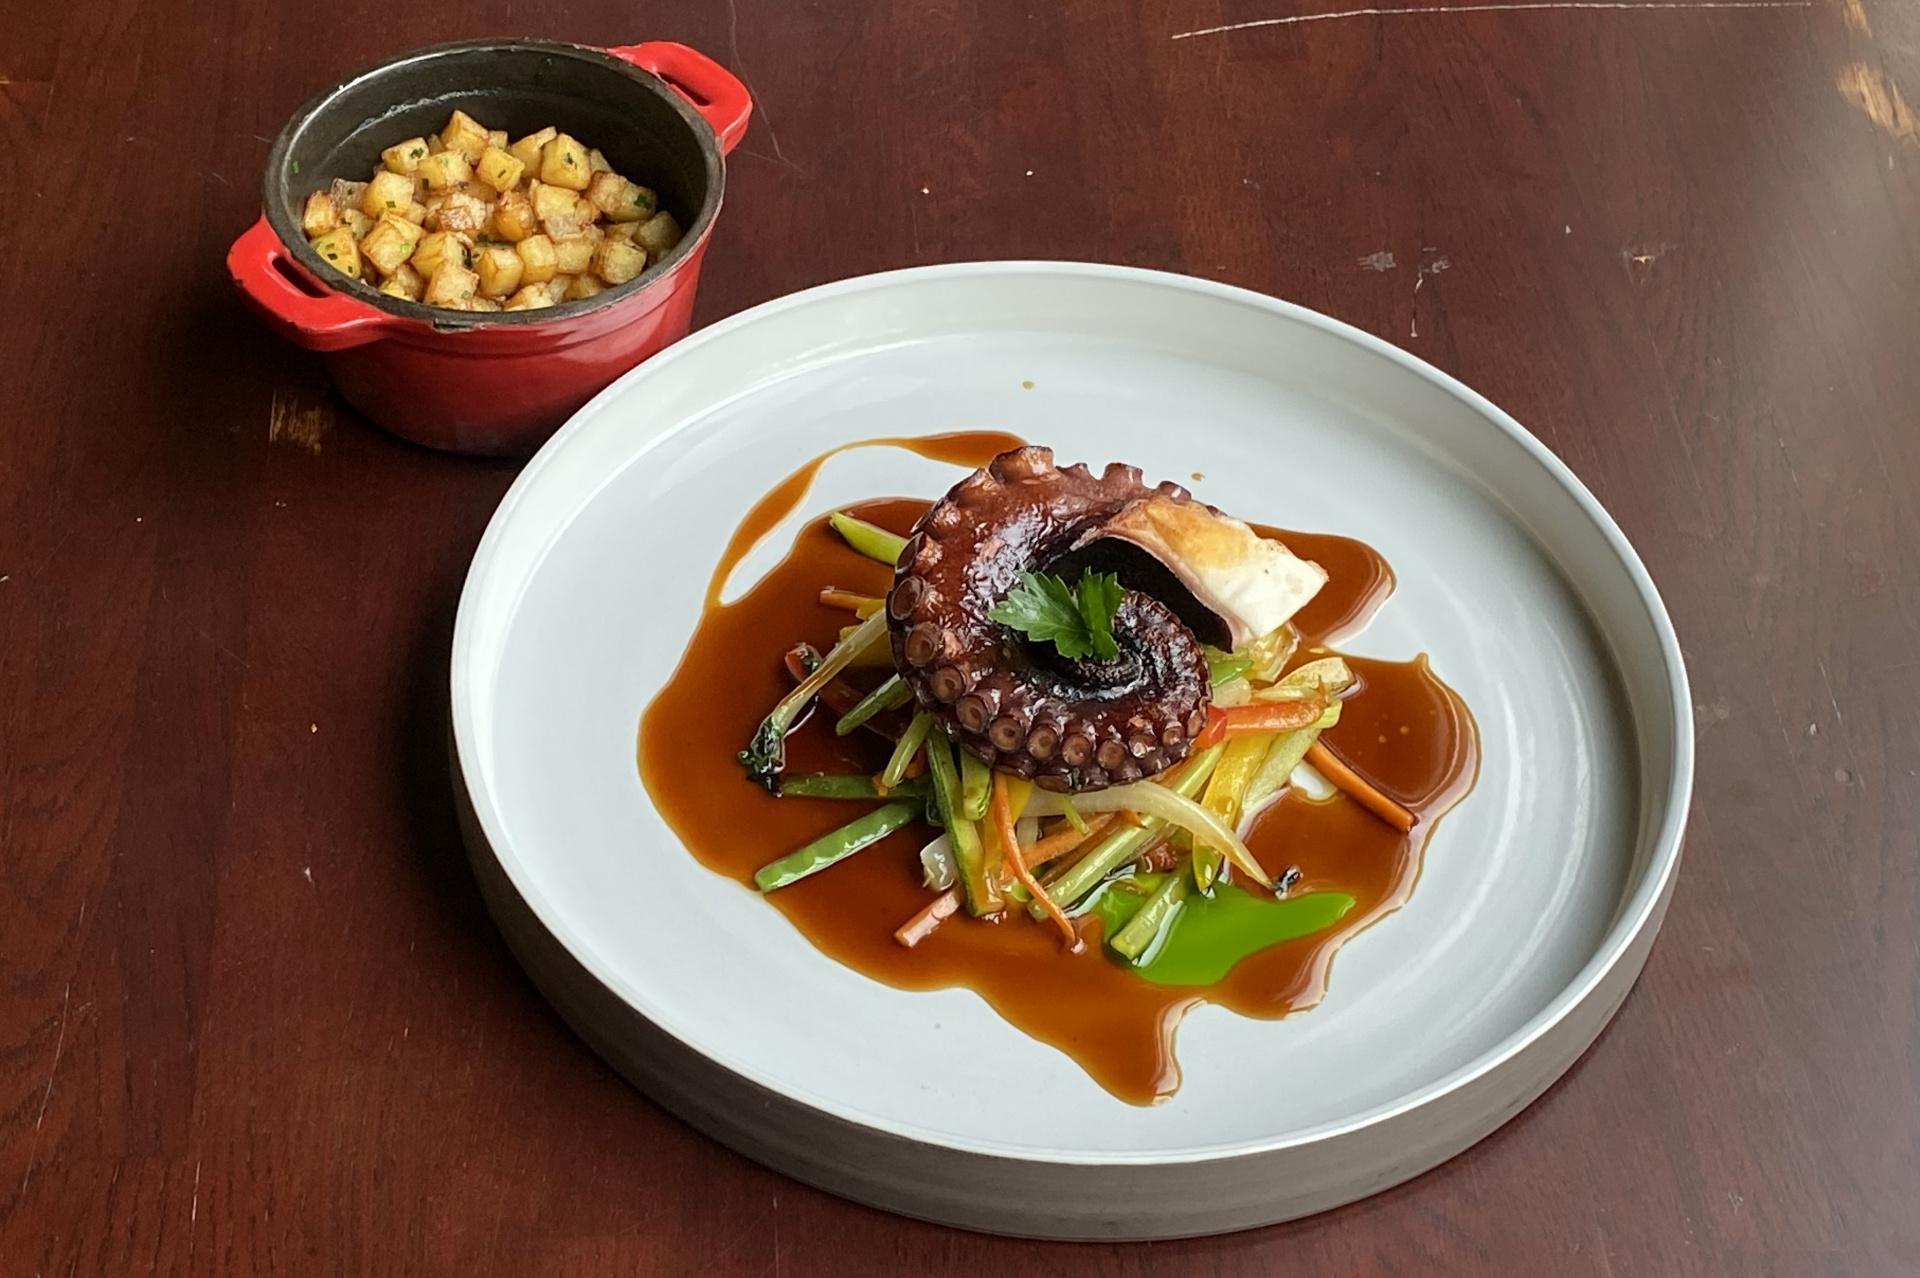 Chobotnice, brambory po domácku s cibulí, stir frye zelenina, Teriyaki se zázvorem